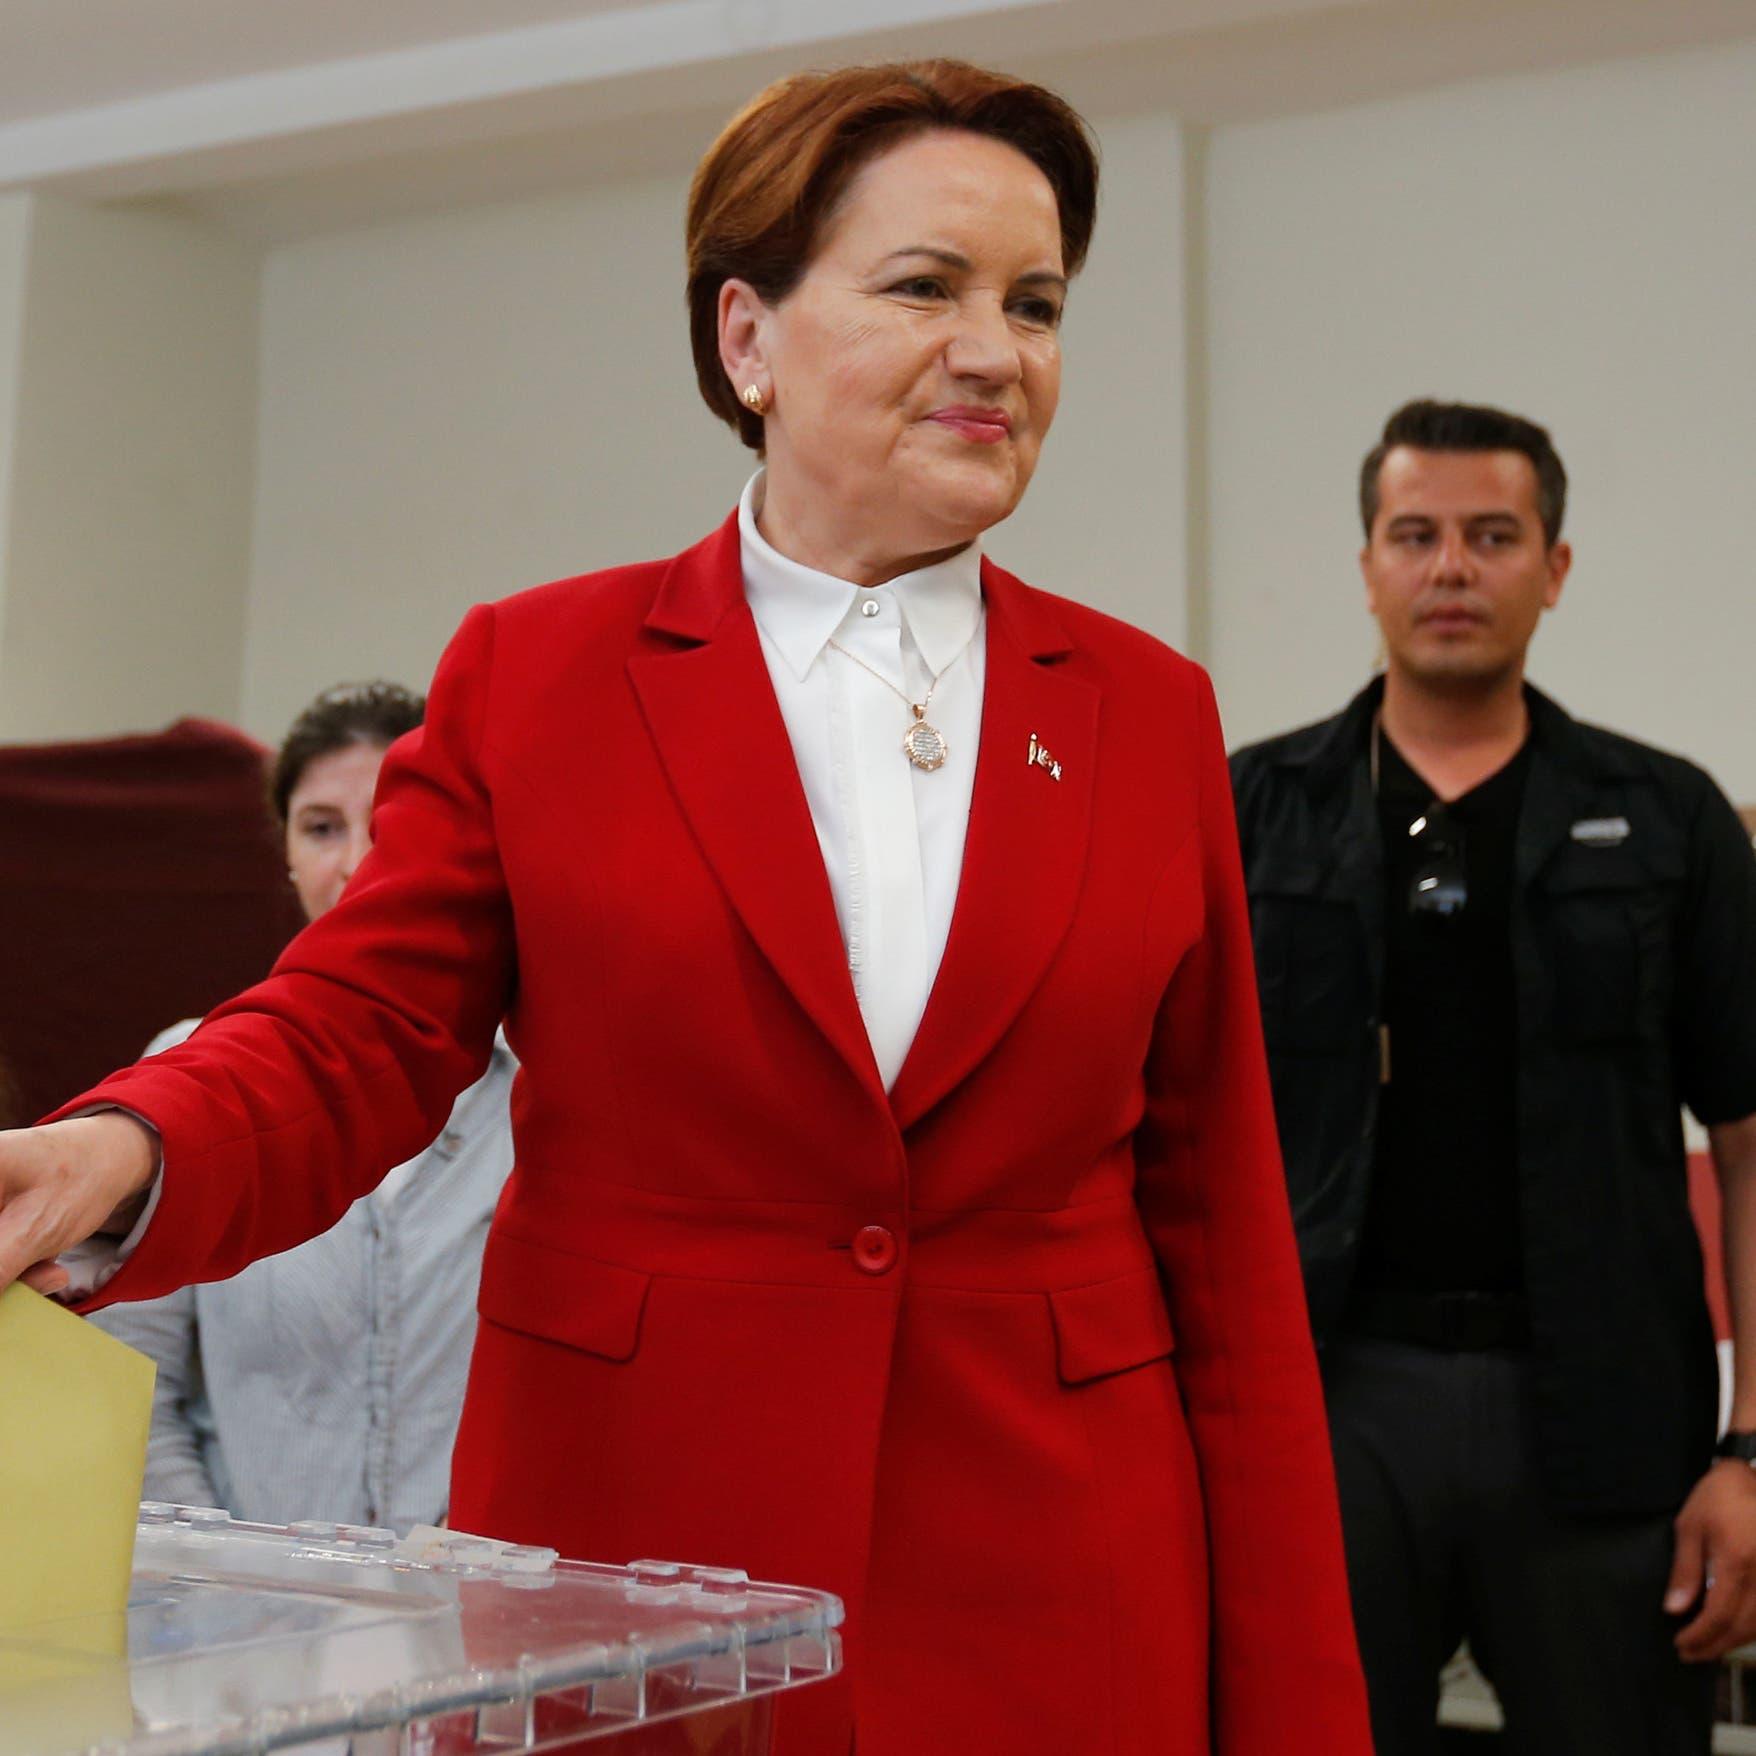 معارضة تركية تسأل الحكومة: أين الـ128 مليار دولار المفقودة؟